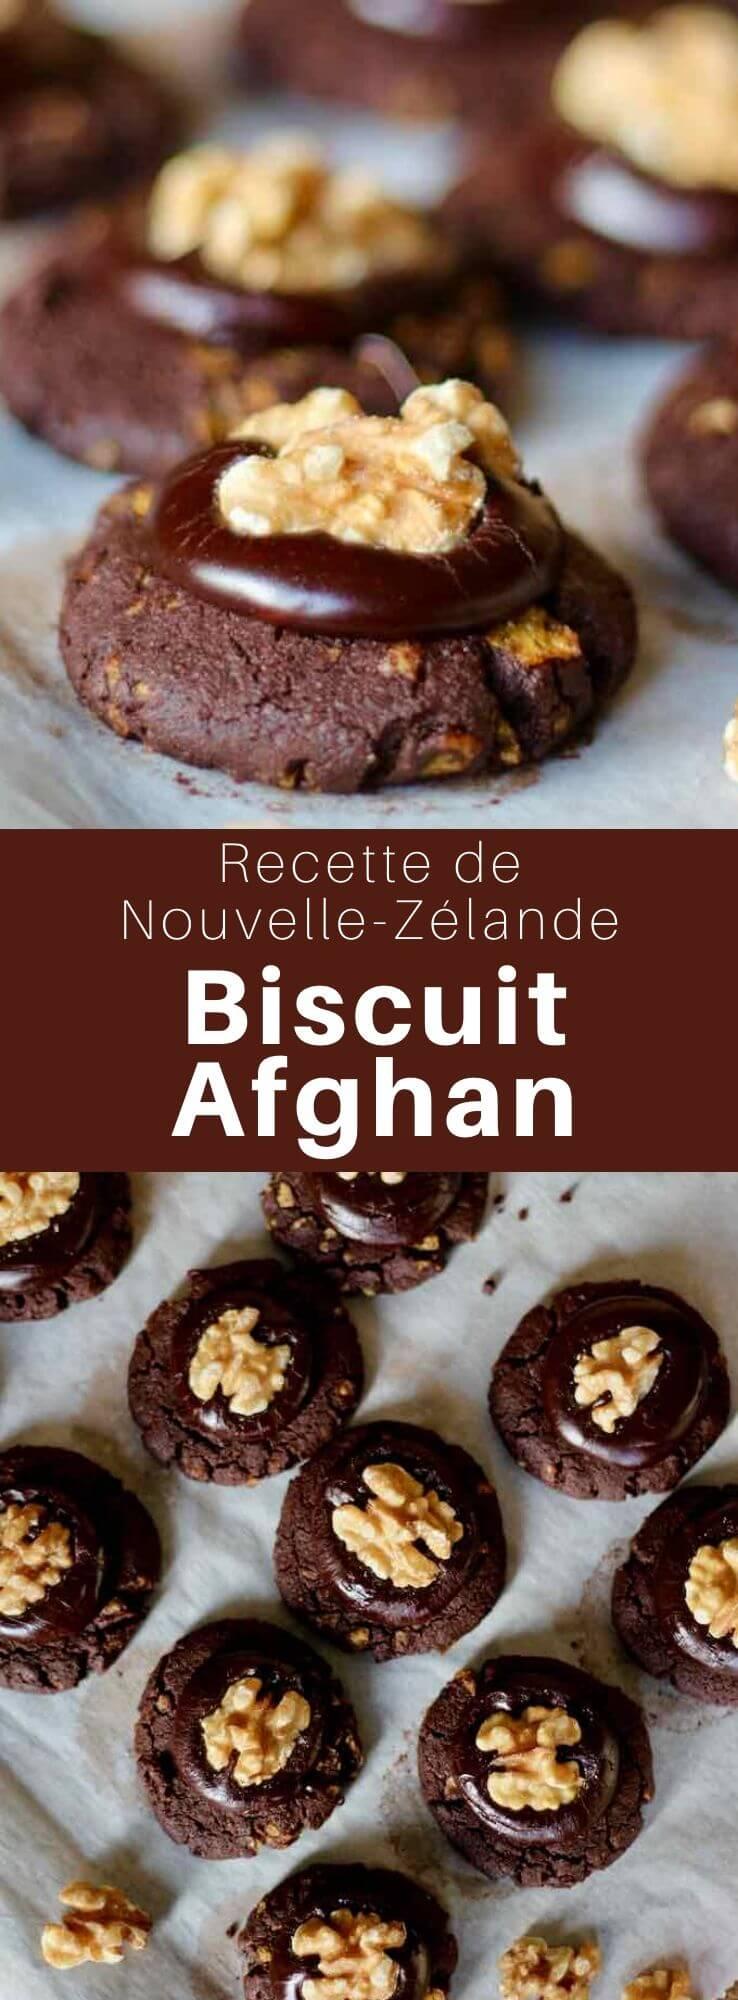 Le biscuit afghan est un délicieux biscuit chocolaté avec un glaçage au chocolat surmonté de noix, populaire en Nouvelle-Zélande. #NouvelleZelande #CuisineDuMonde #196flavors